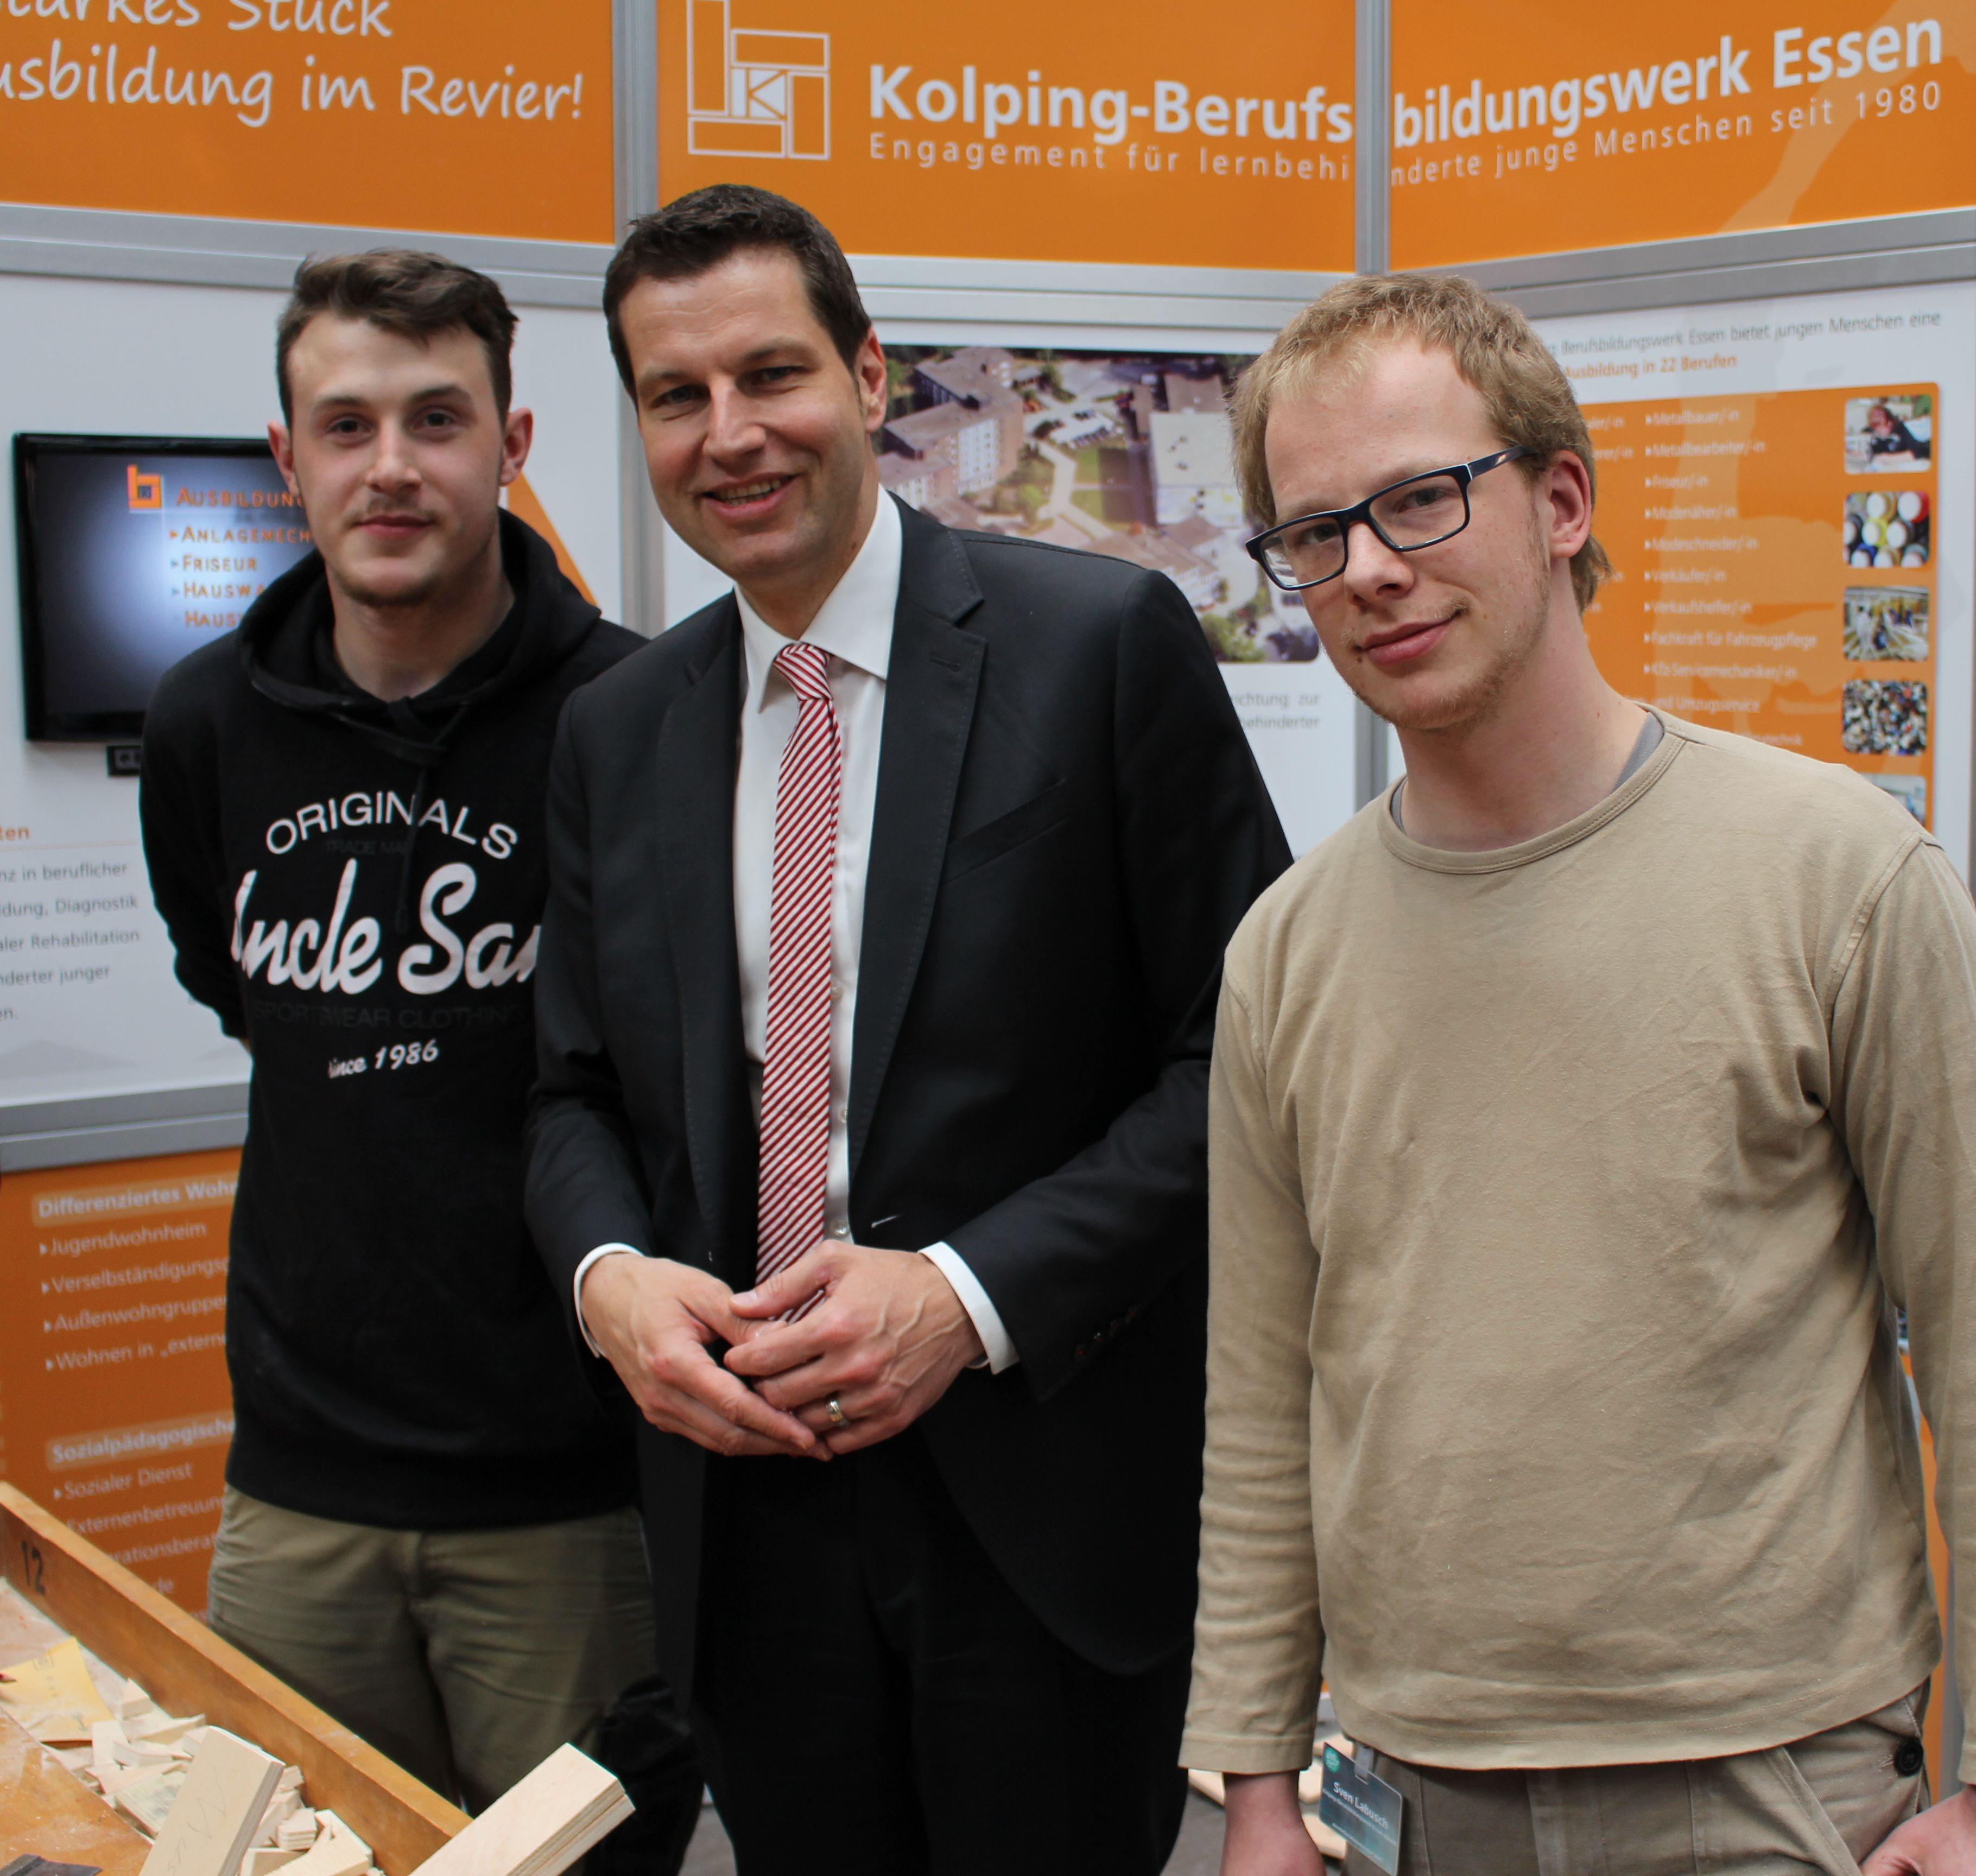 Kolping-Berufsbildungswerk Essen Auf Berufsinformationsmesse Am 4.-5. Mai 2018 In Bochum Vertreten